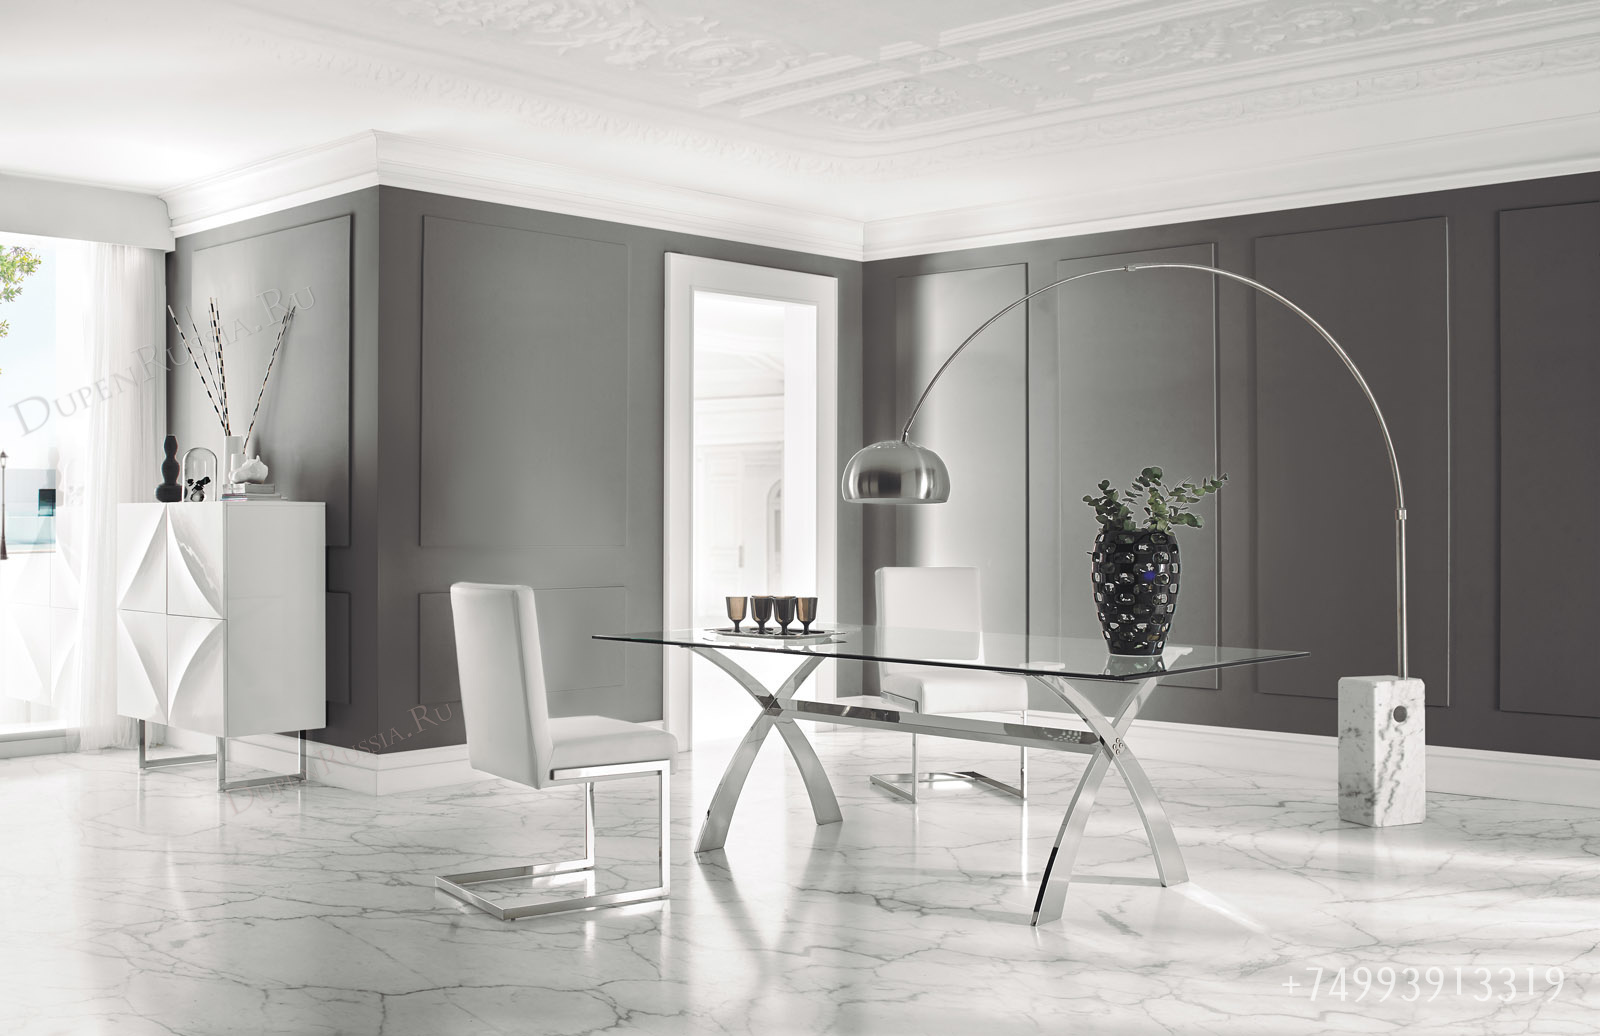 Обеденный стол DUPEN DT-18 Прозрачный, стулья DUPEN CH-1008 и Буфет DUPEN W-101